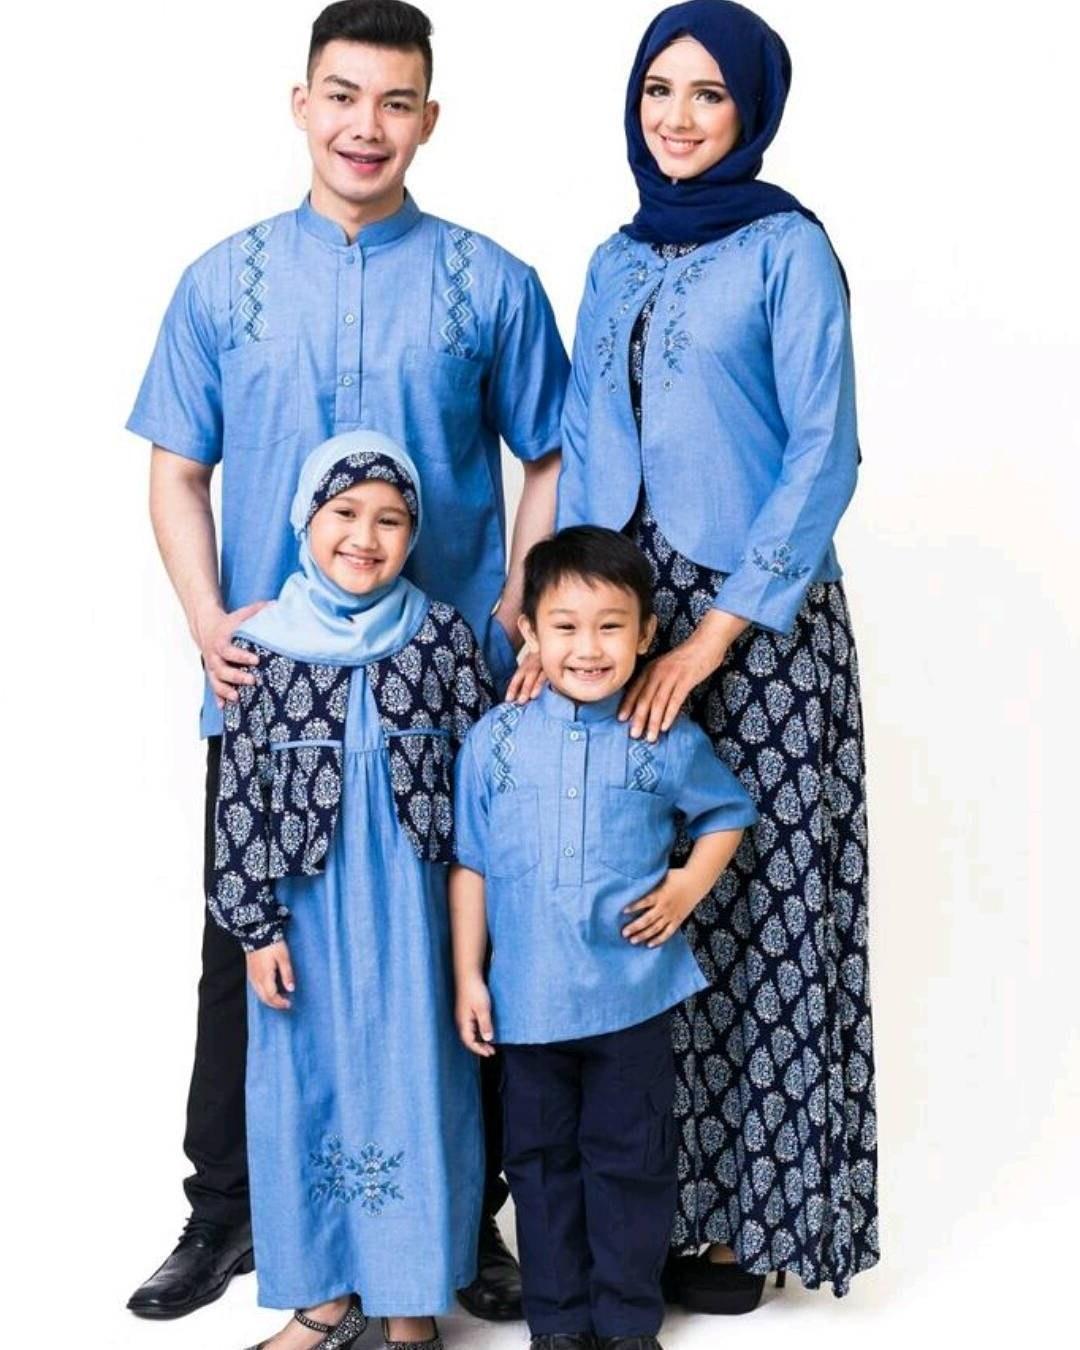 Bentuk Baju Lebaran Model Baru Bqdd Model Baju Keluarga Untuk Hari Raya Lebaran 2018